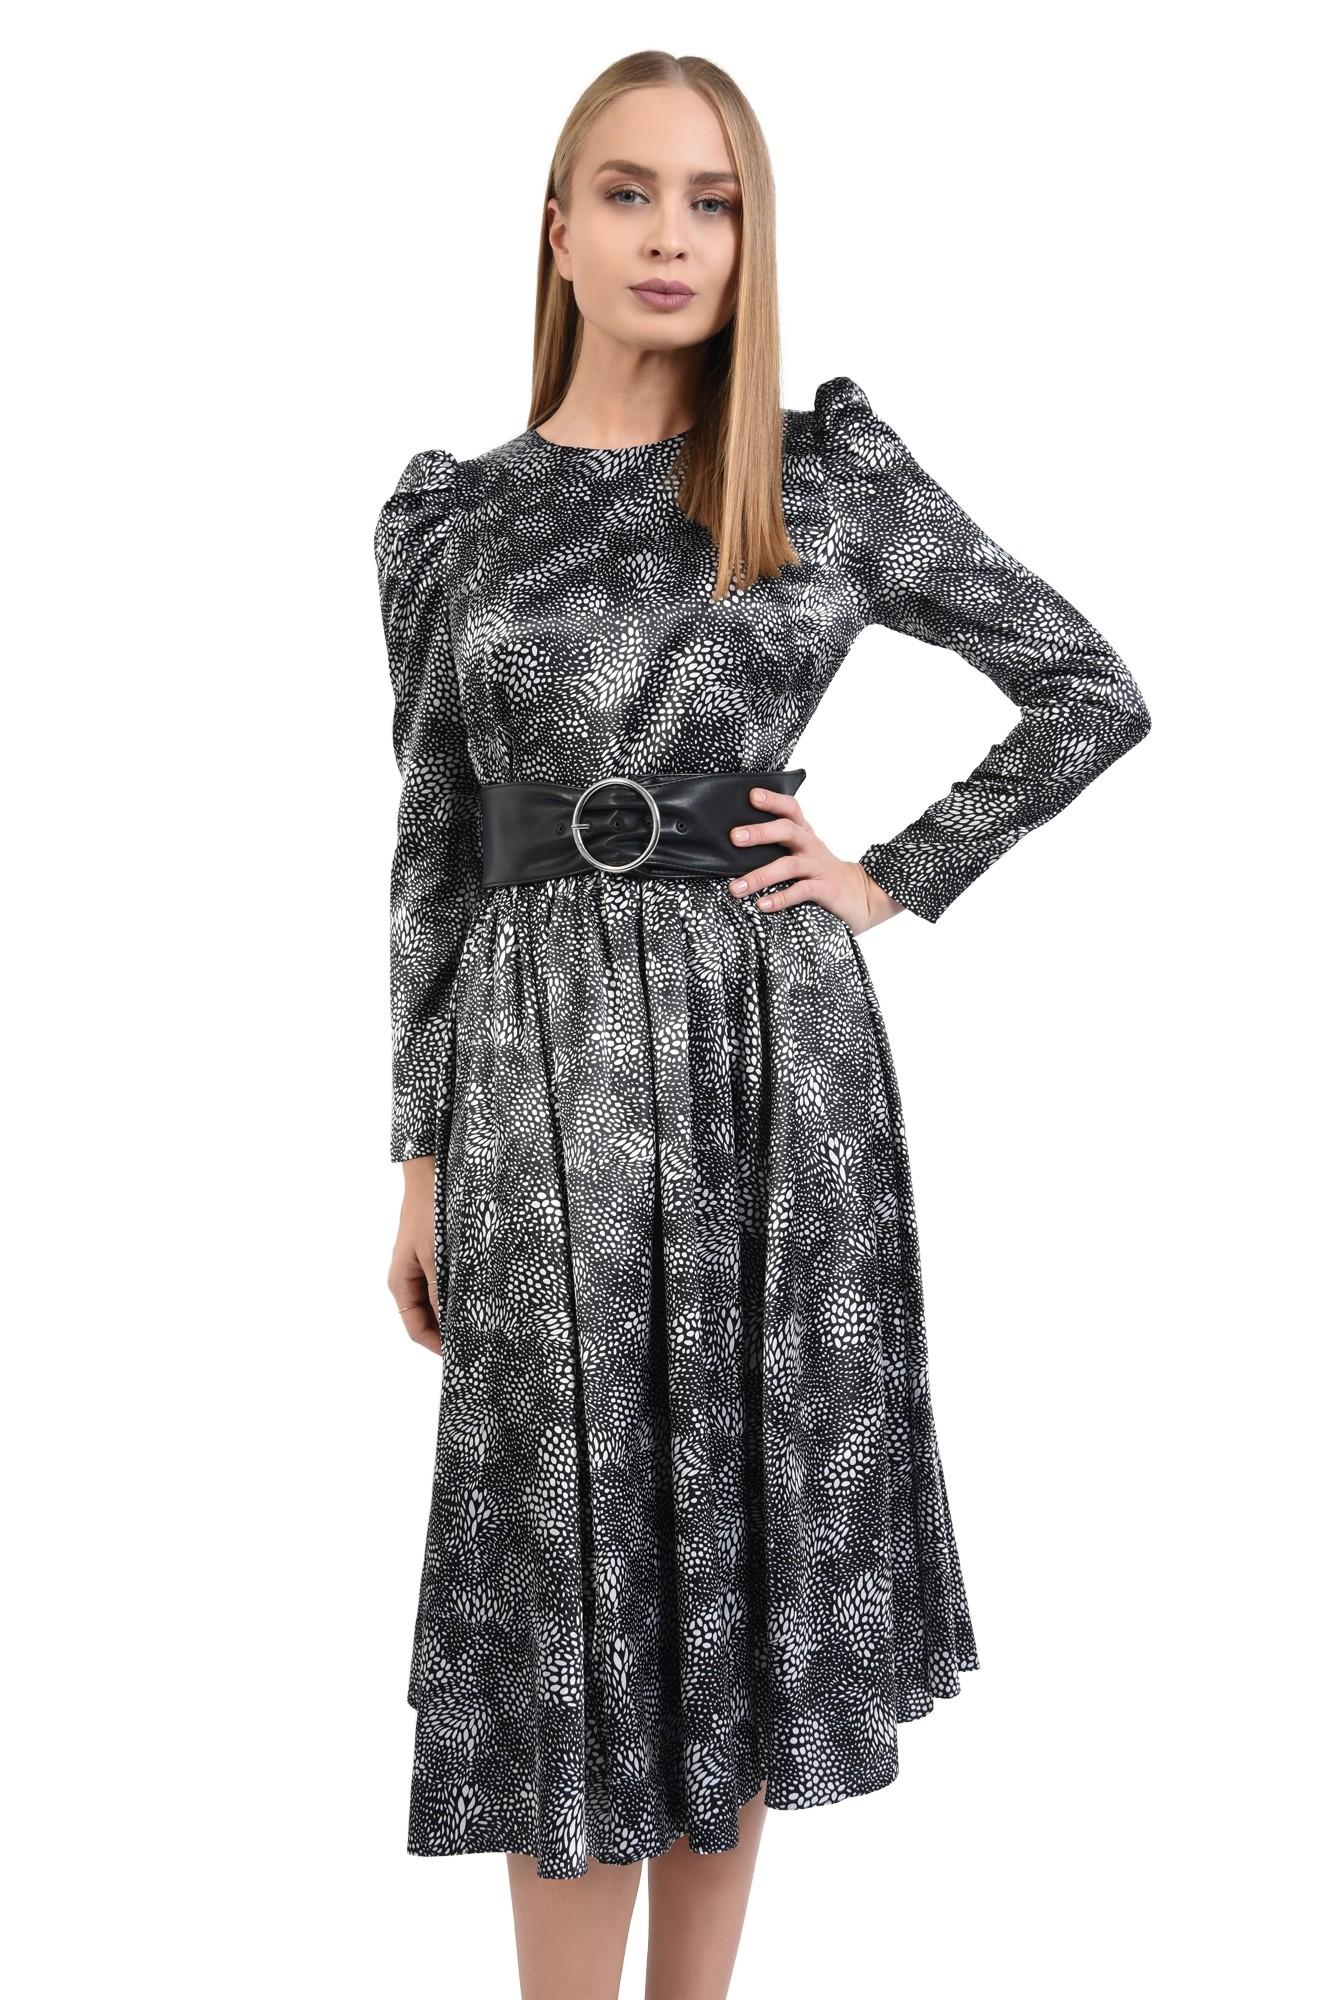 0 - rochie eleganta, clos, cusatura in talie, maneci lungi, satin imprimat